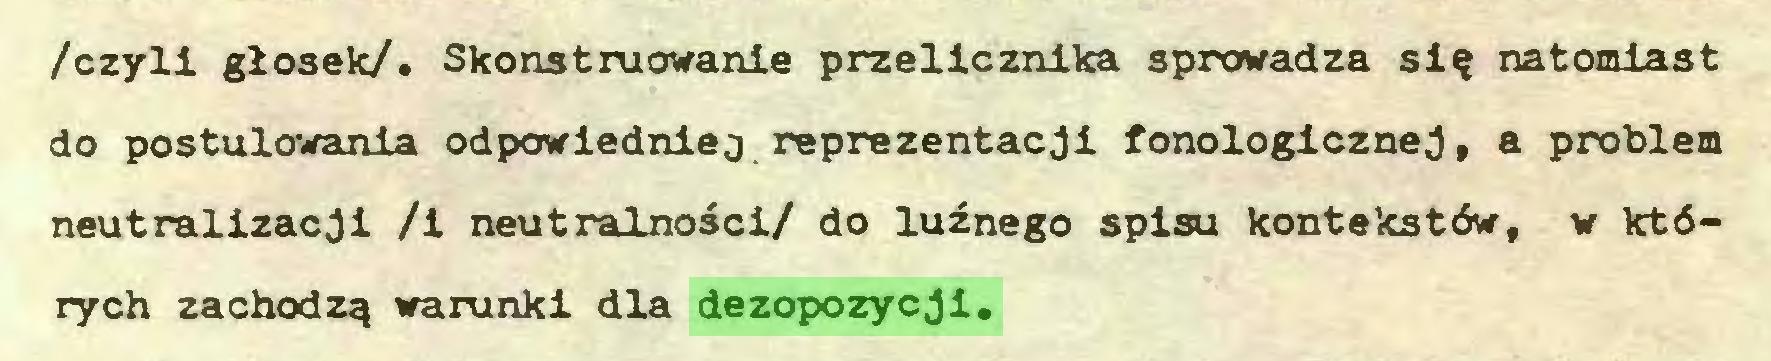 (...) /czyli głosek/. Skonstruowanie przelicznika sprowadza się natomiast do postulowania odpowiedniej reprezentacji fonologicznej, a problem neutralizacji /i neutralności/ do luźnego spisu kontekstów, w których zachodzą warunki dla dezopozycji...